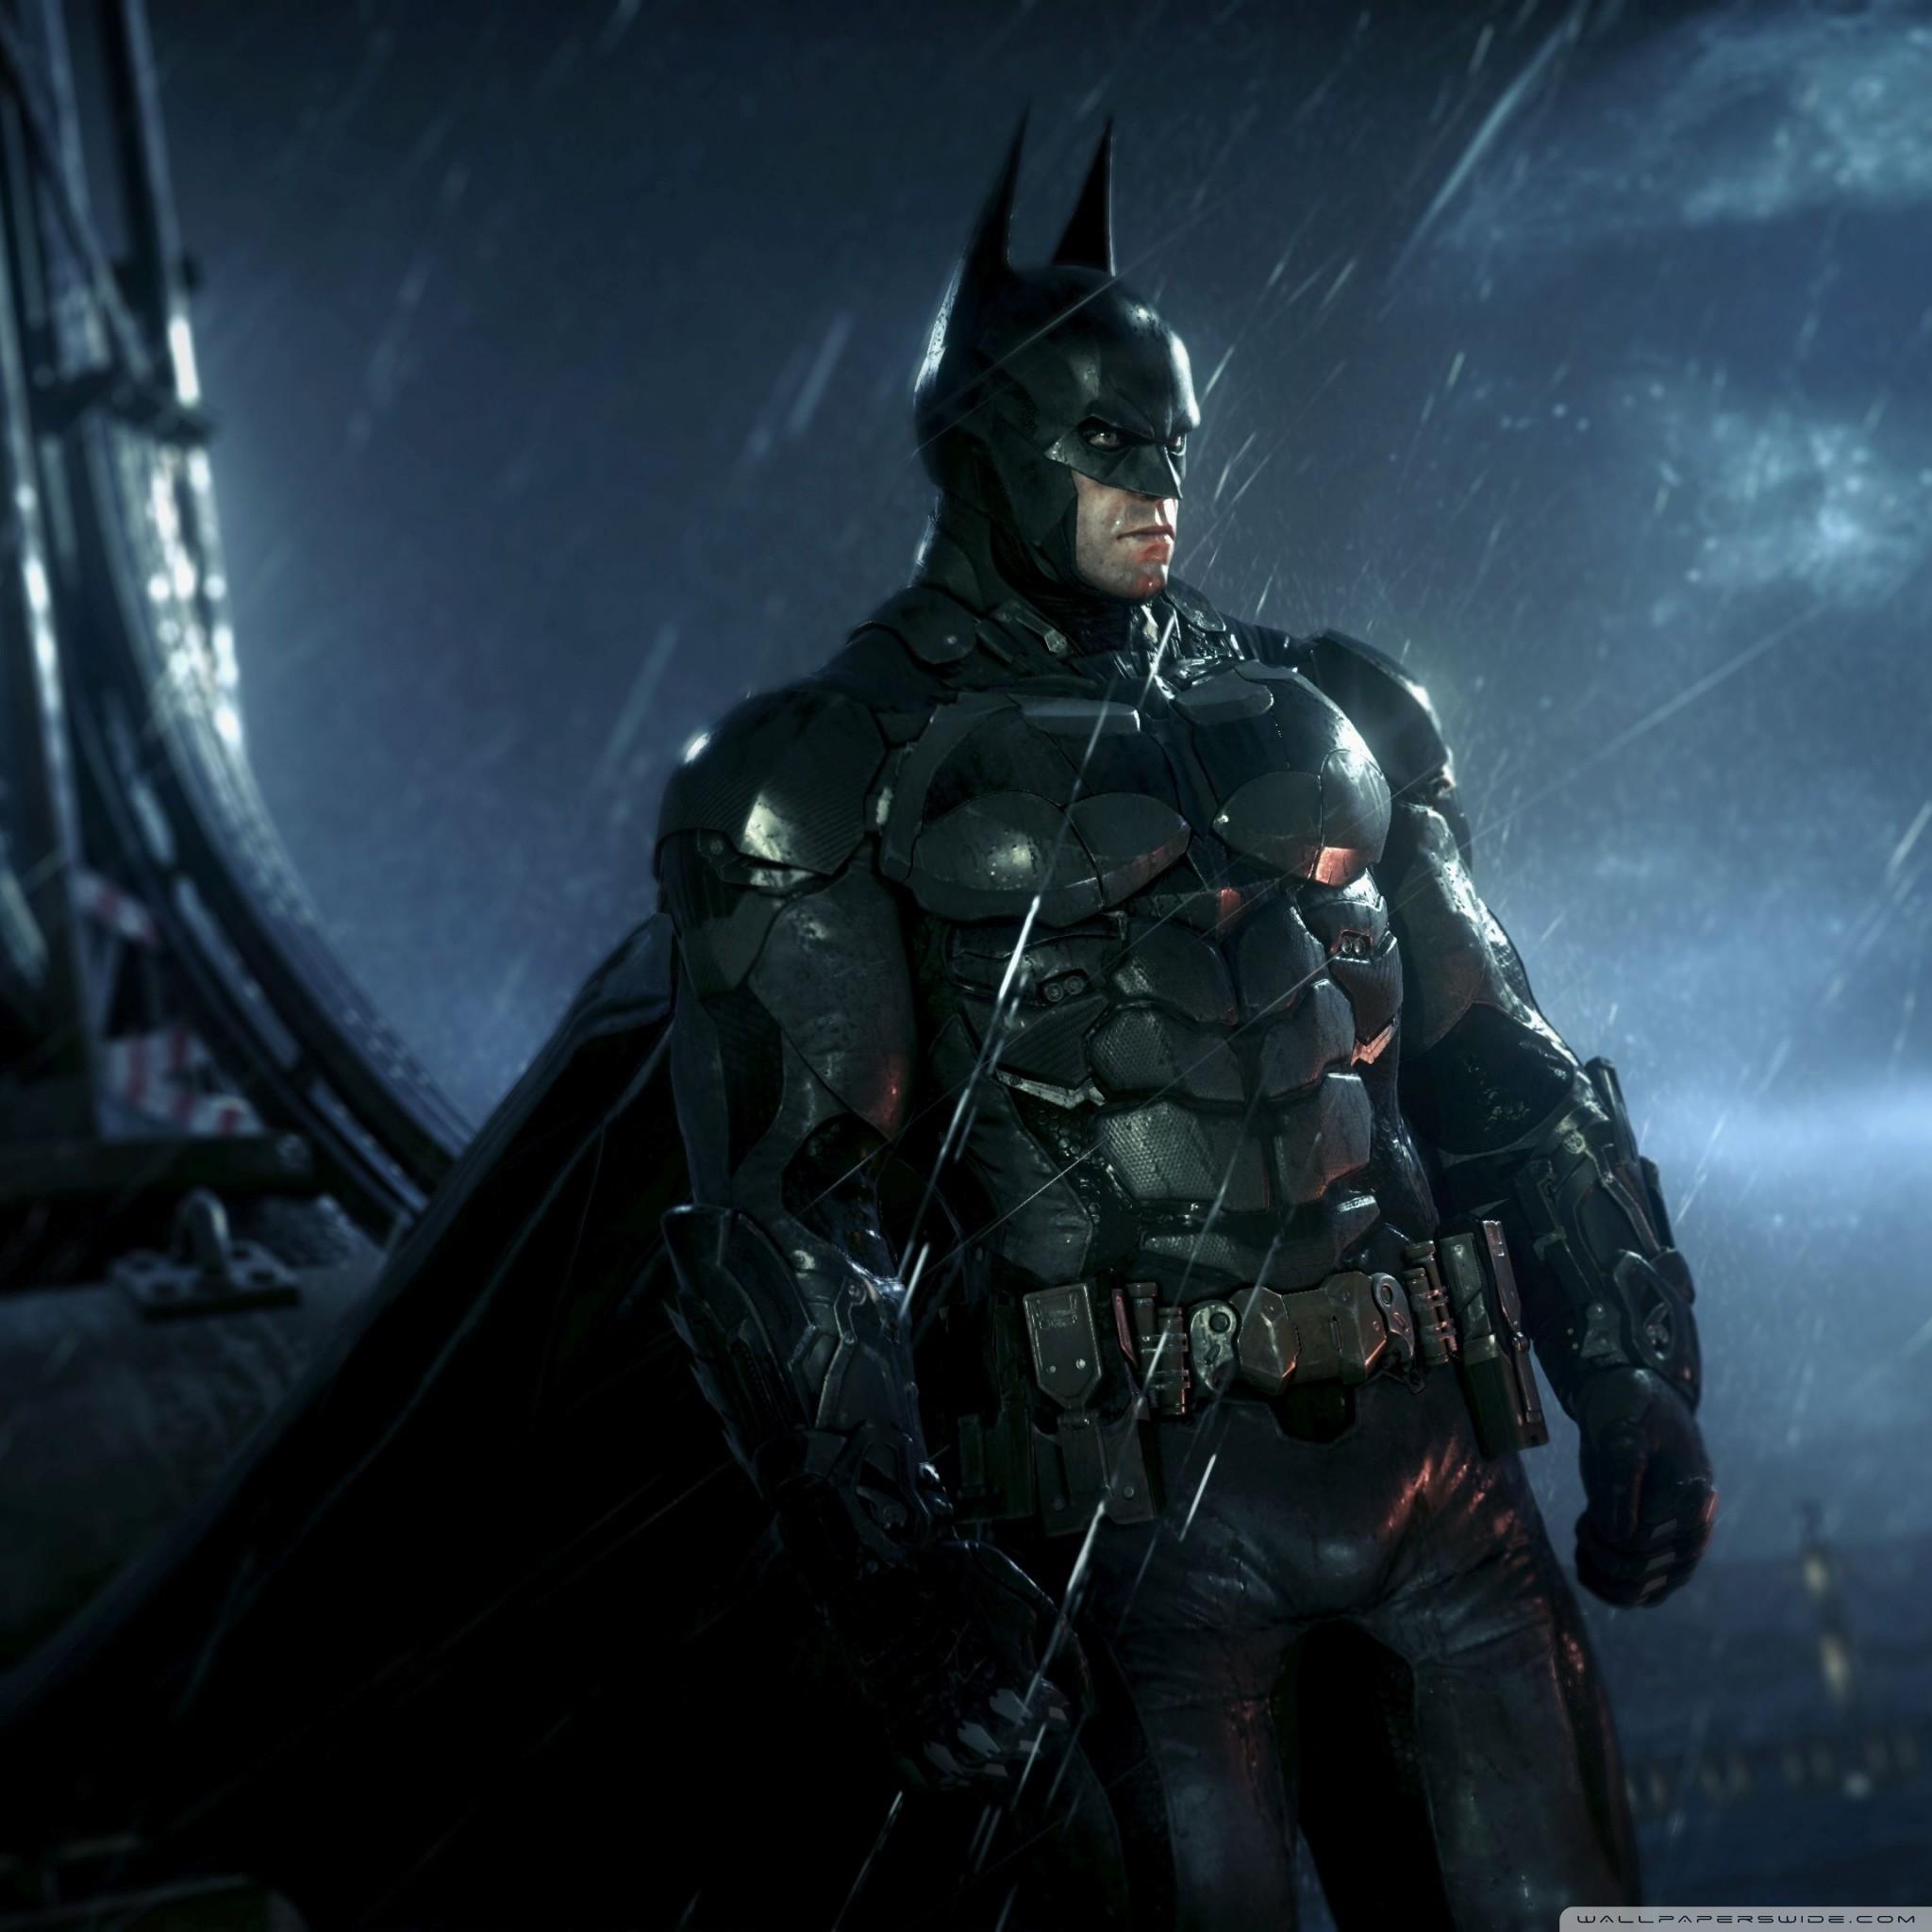 Batman Arkham Knight 1080p Wallpaper (87+ images)